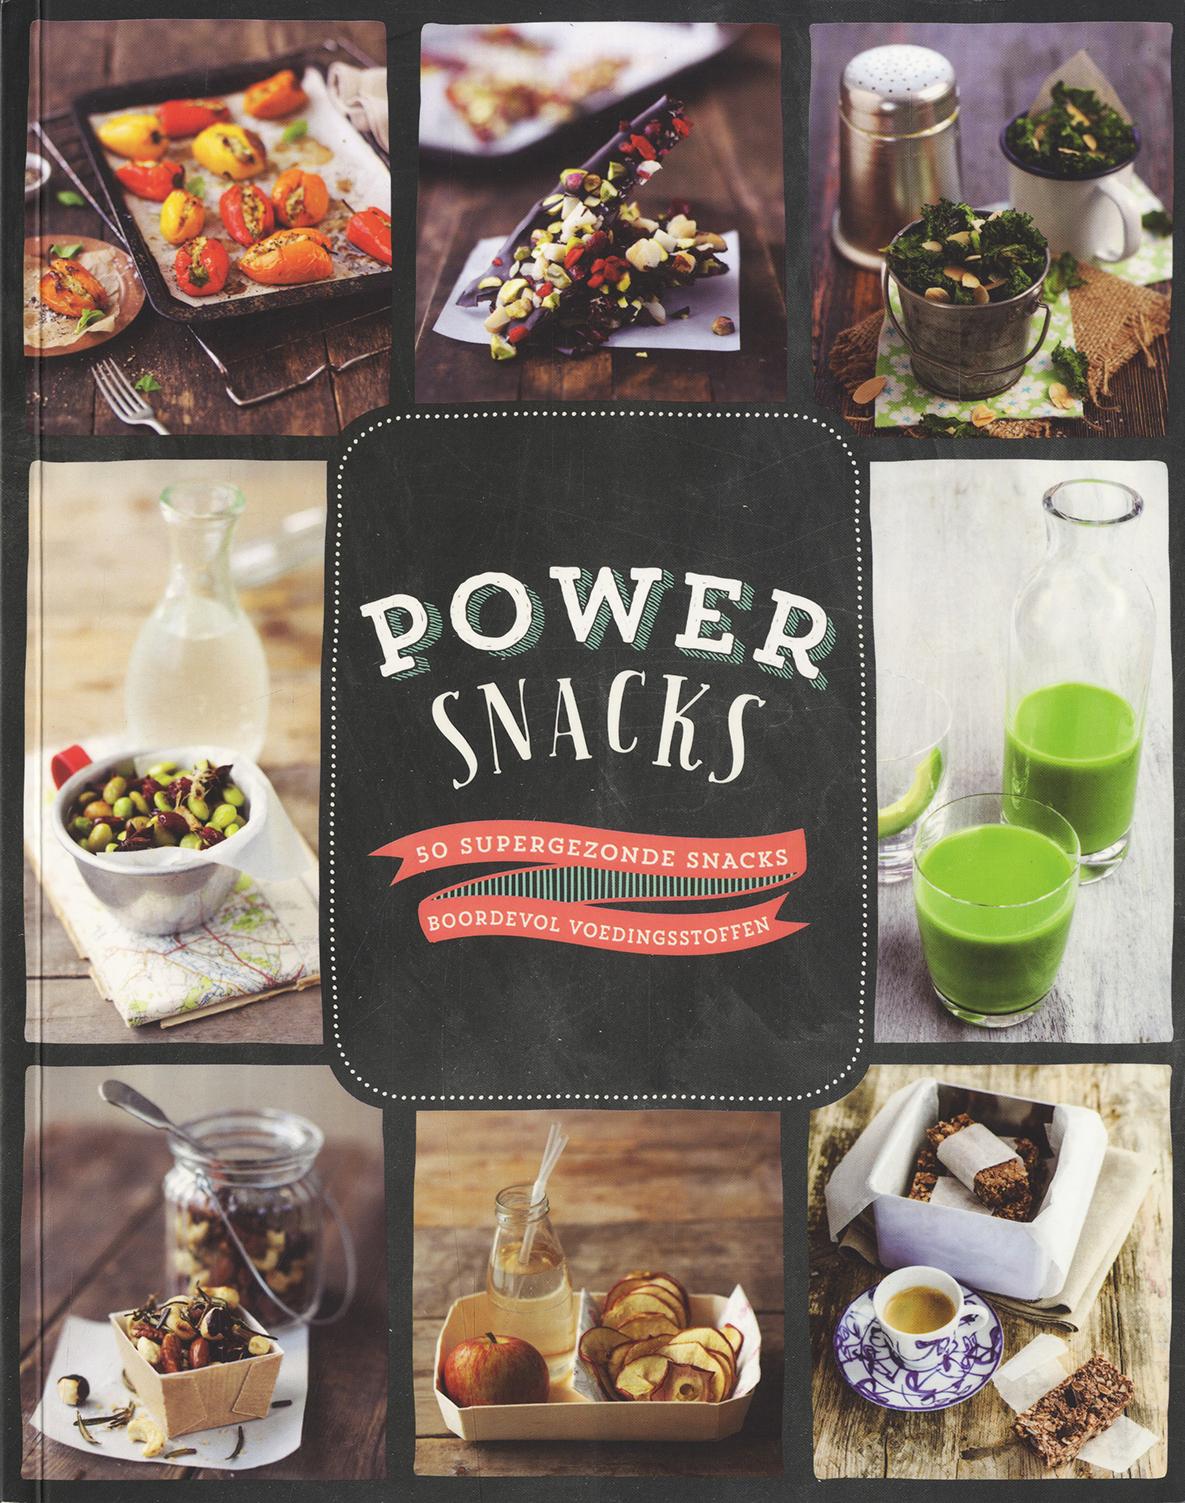 Powersnacks - 50 supergezonde snacks boordevol voedingsstoffen -  div. medewerkers